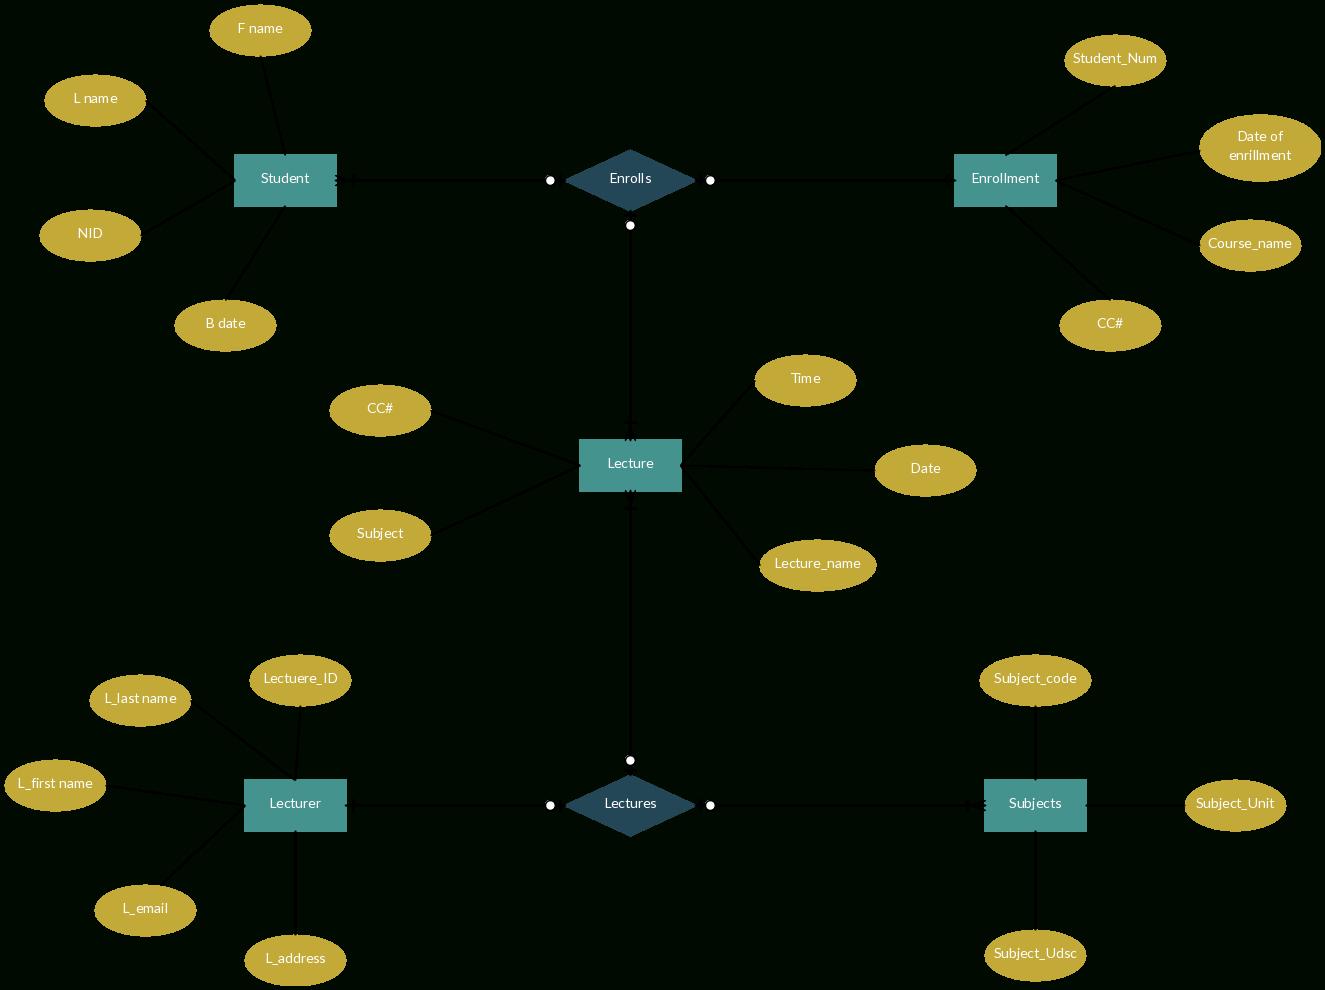 Entity Relationship Diagram For Collage Enrollment System with Er Diagram Multiple Relationships